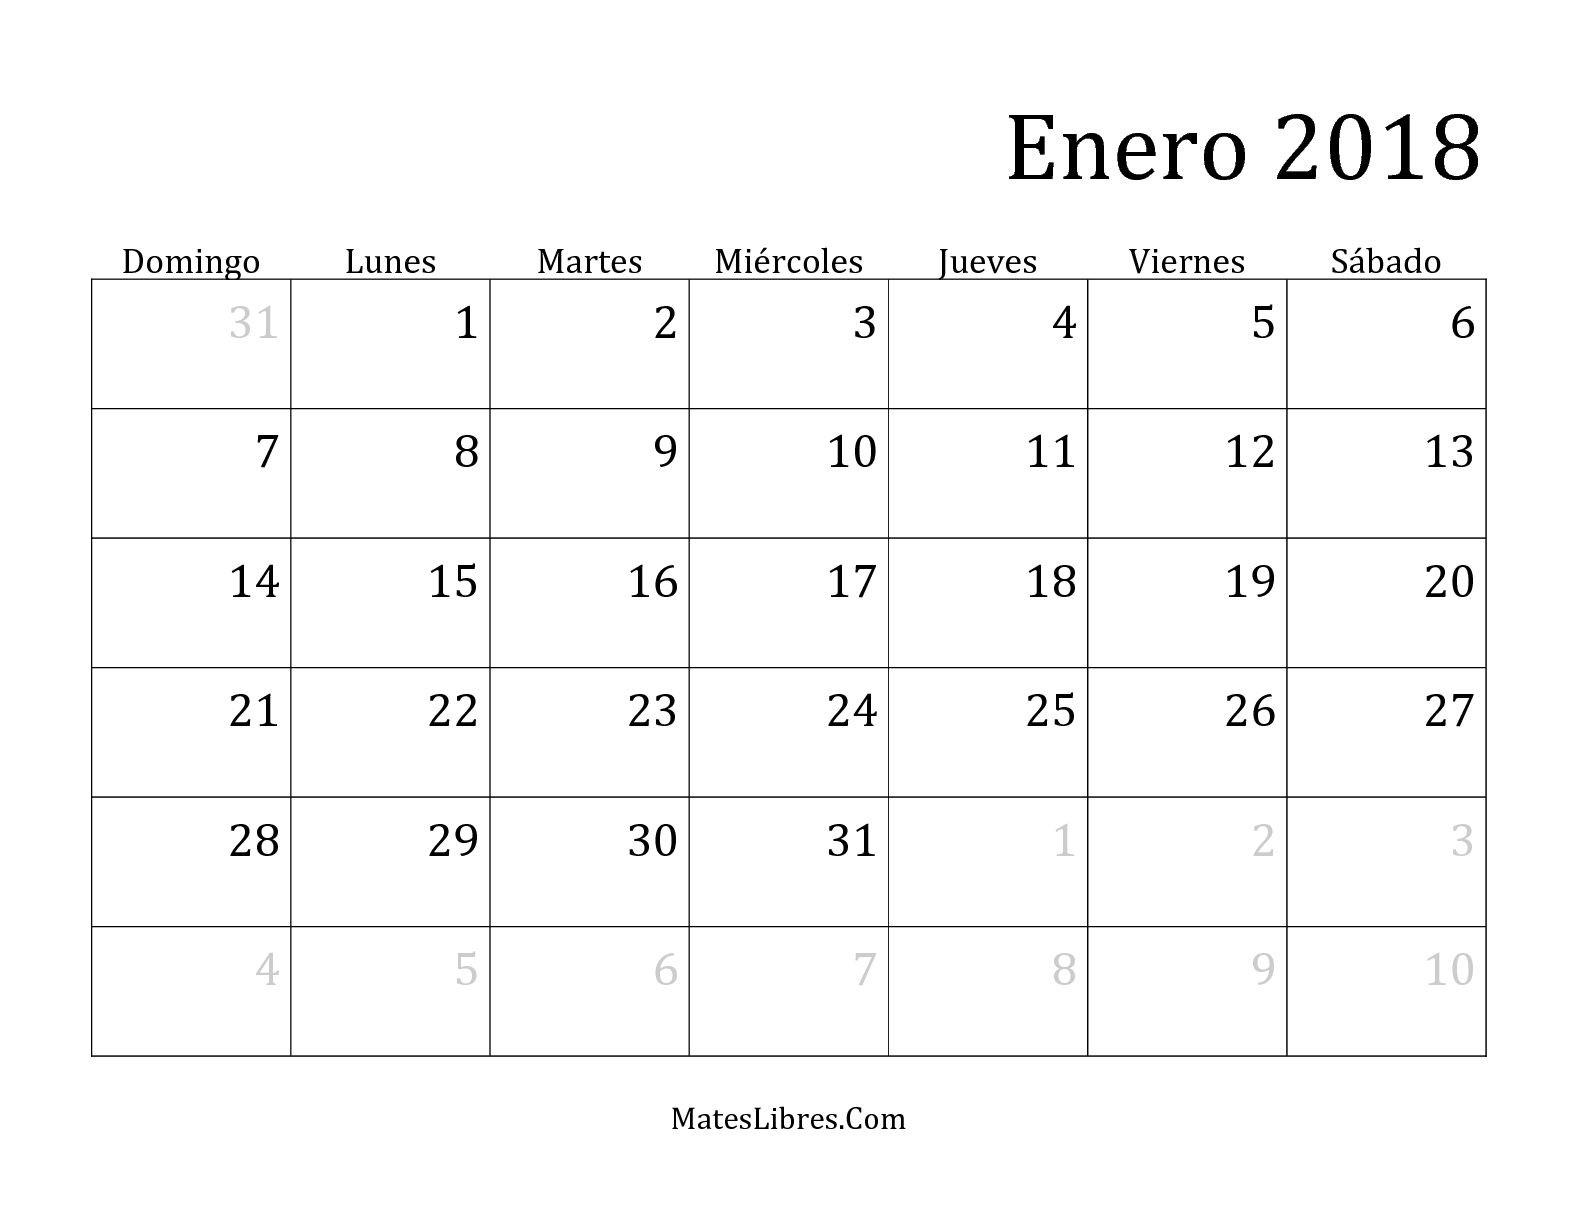 Calendario De Noviembre 2019 Para Imprimir Más Actual Root Of Calendario De Noviembre 2019 Para Imprimir Más Caliente Vuelta Al Cole 2017 100 Plantillas Y Horarios Gratis Para Imprimir